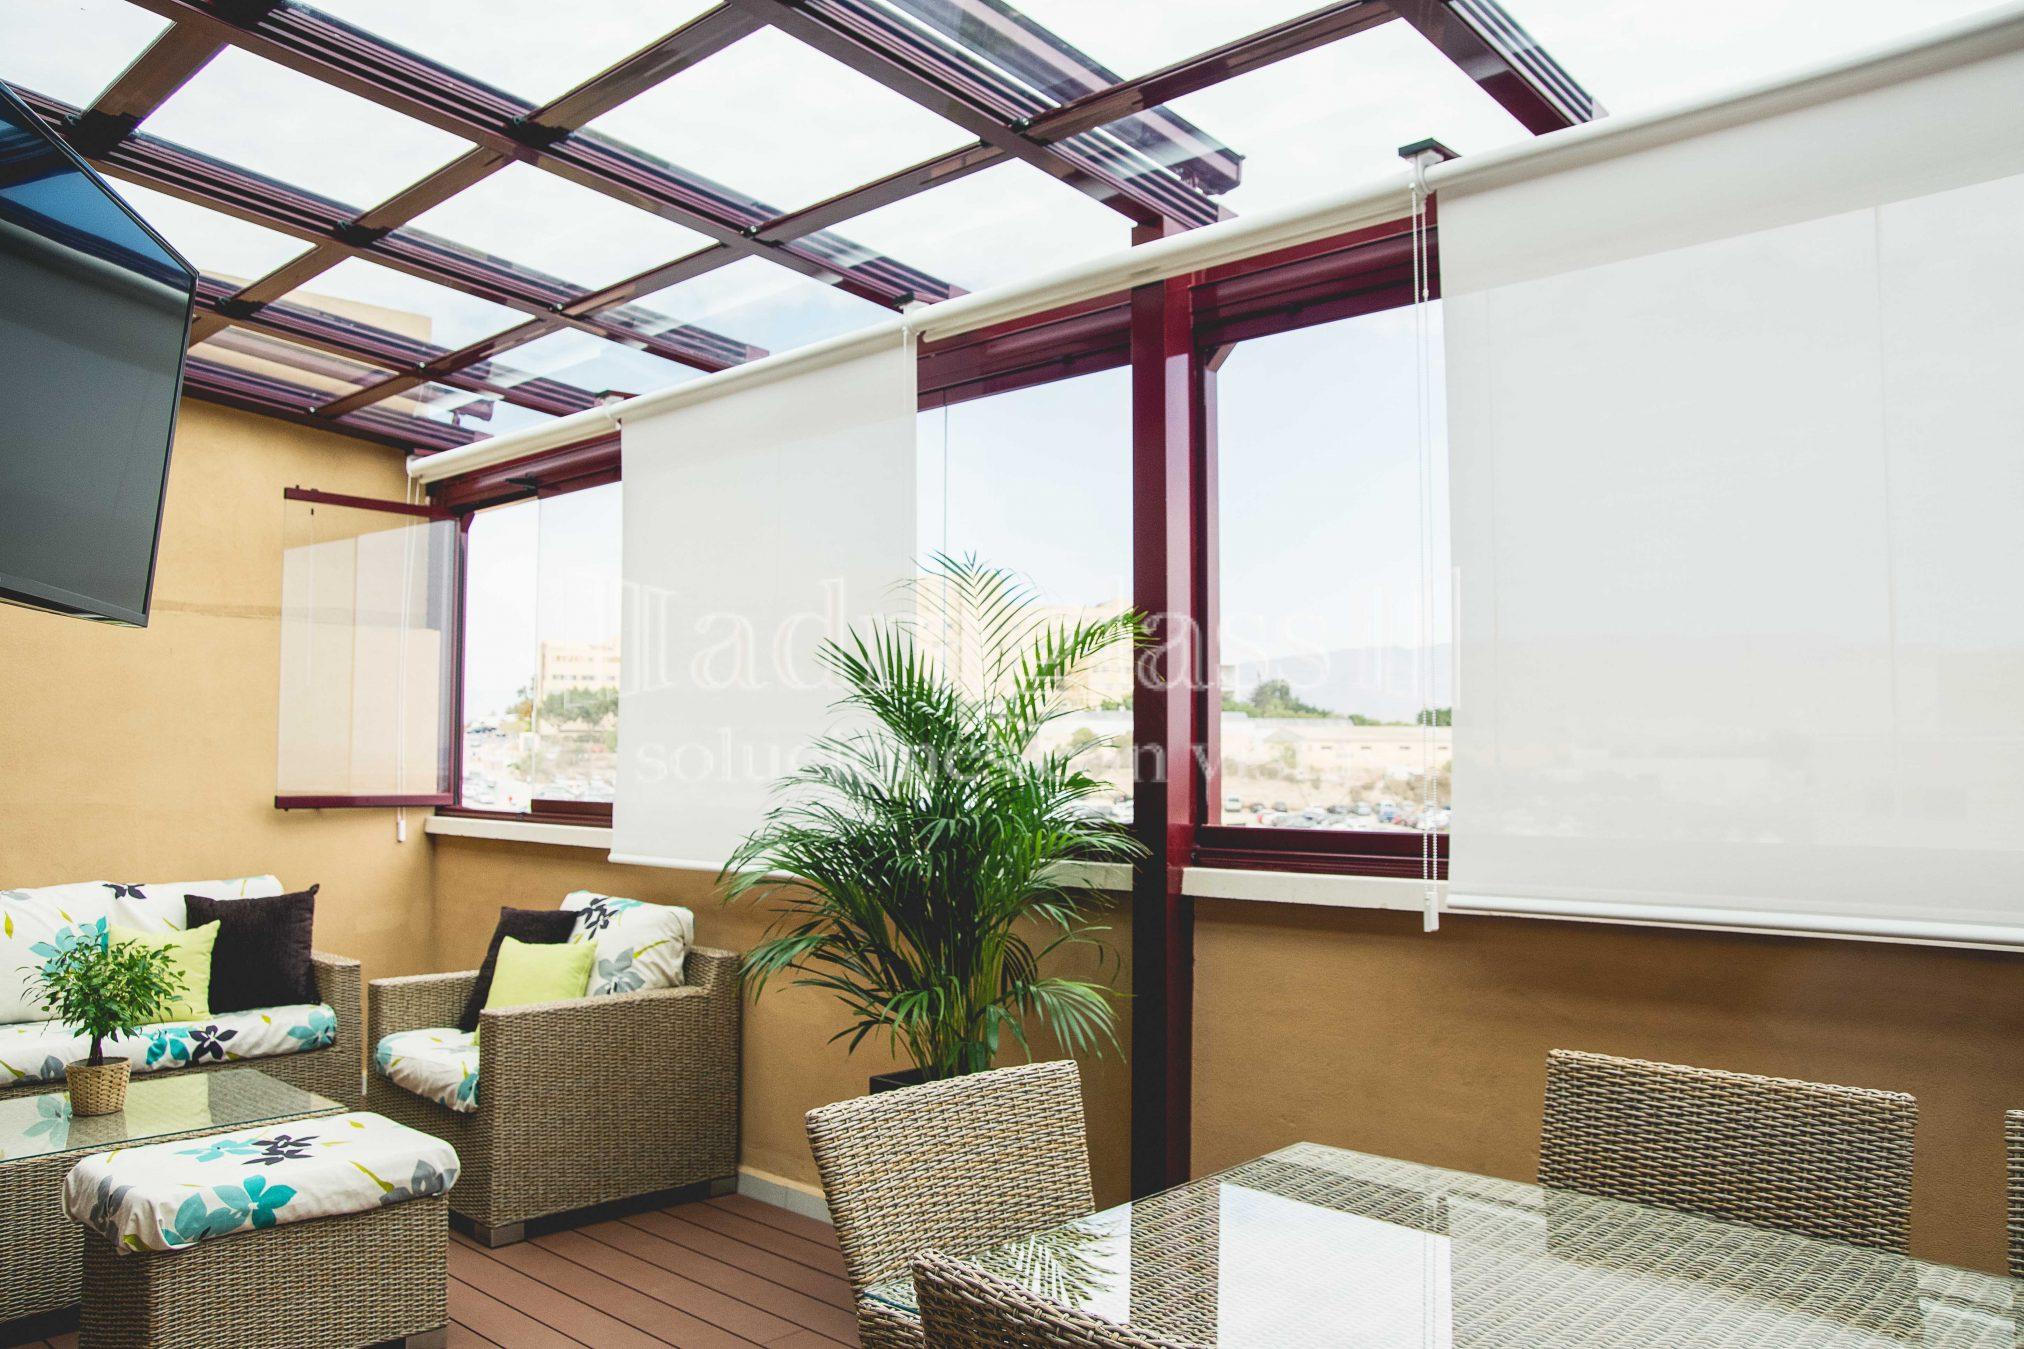 Cortinas y estores por adraglass soluciones con vistas - Todo cortinas y estores ...